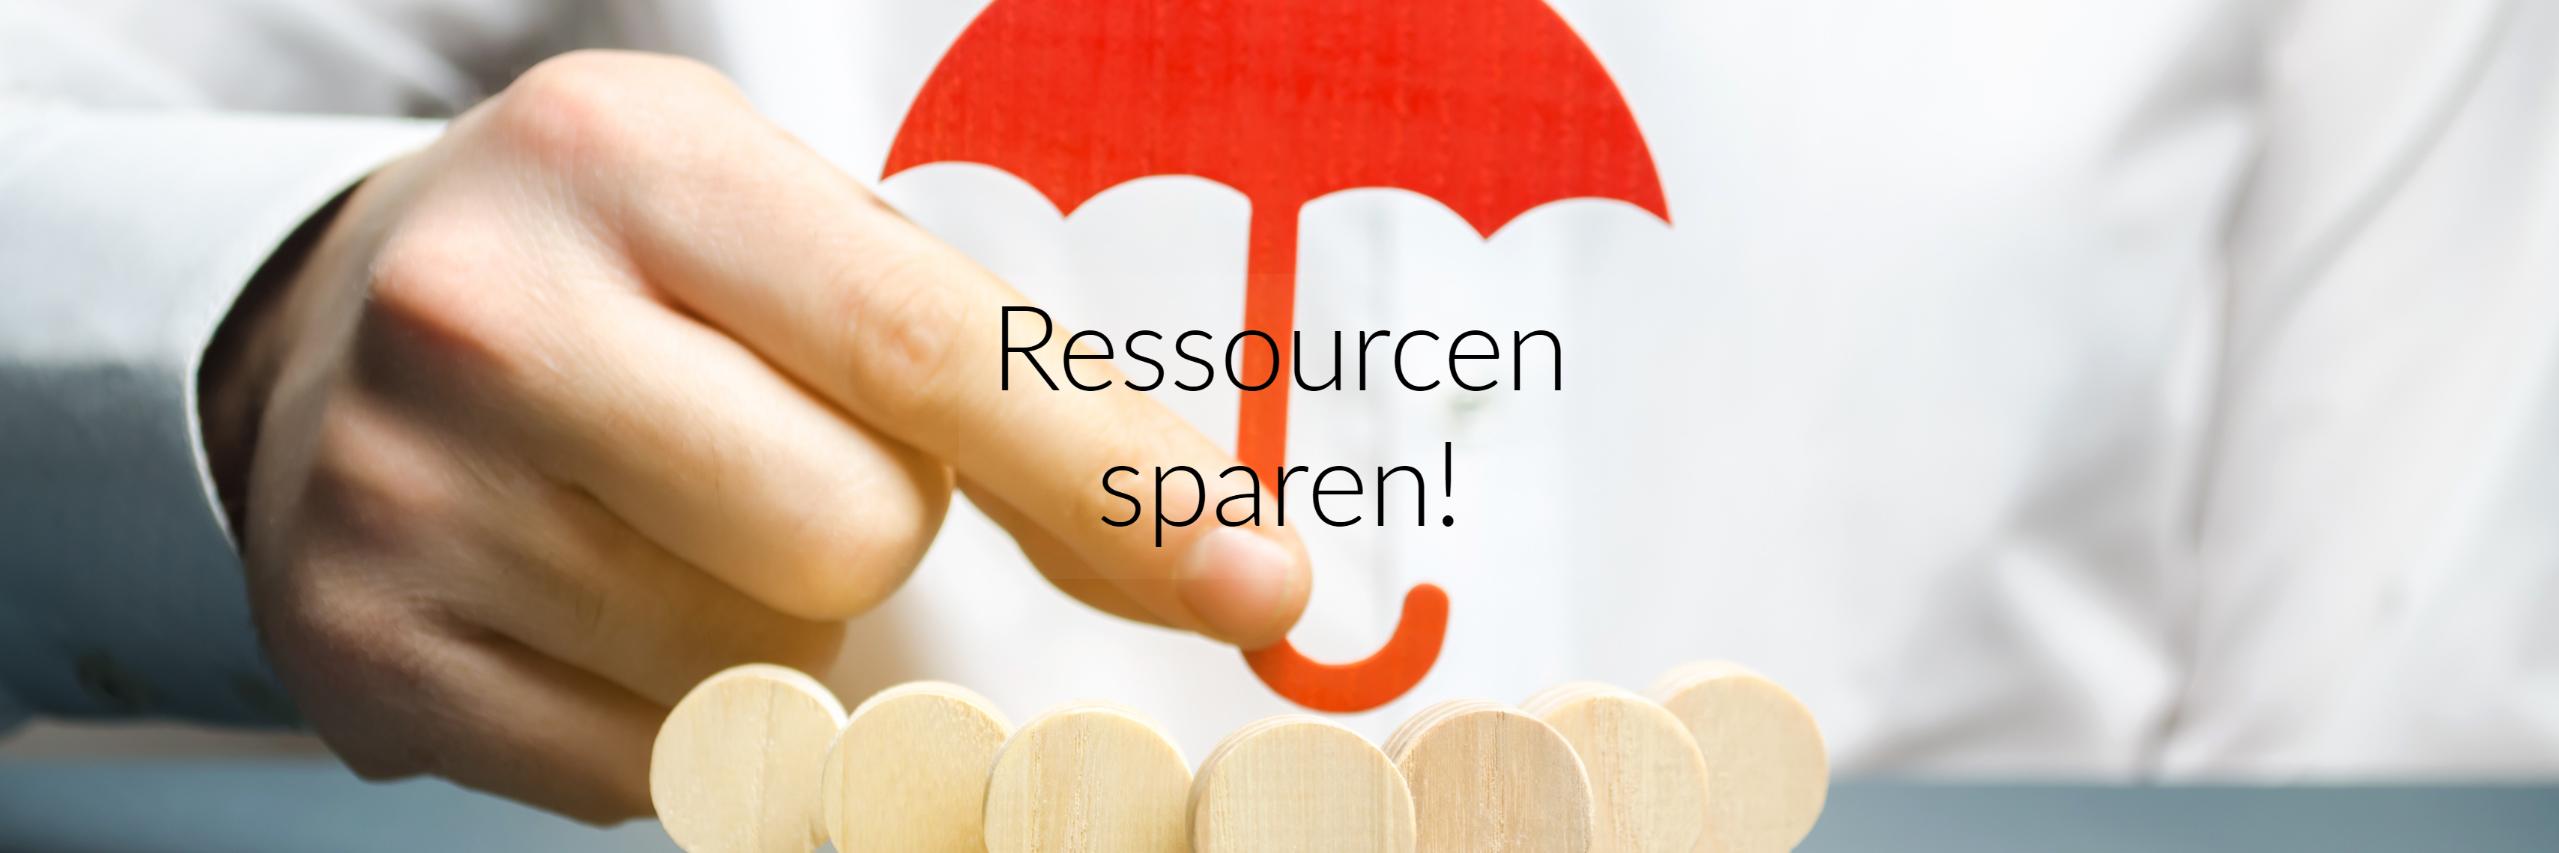 Ressourcen sparen!